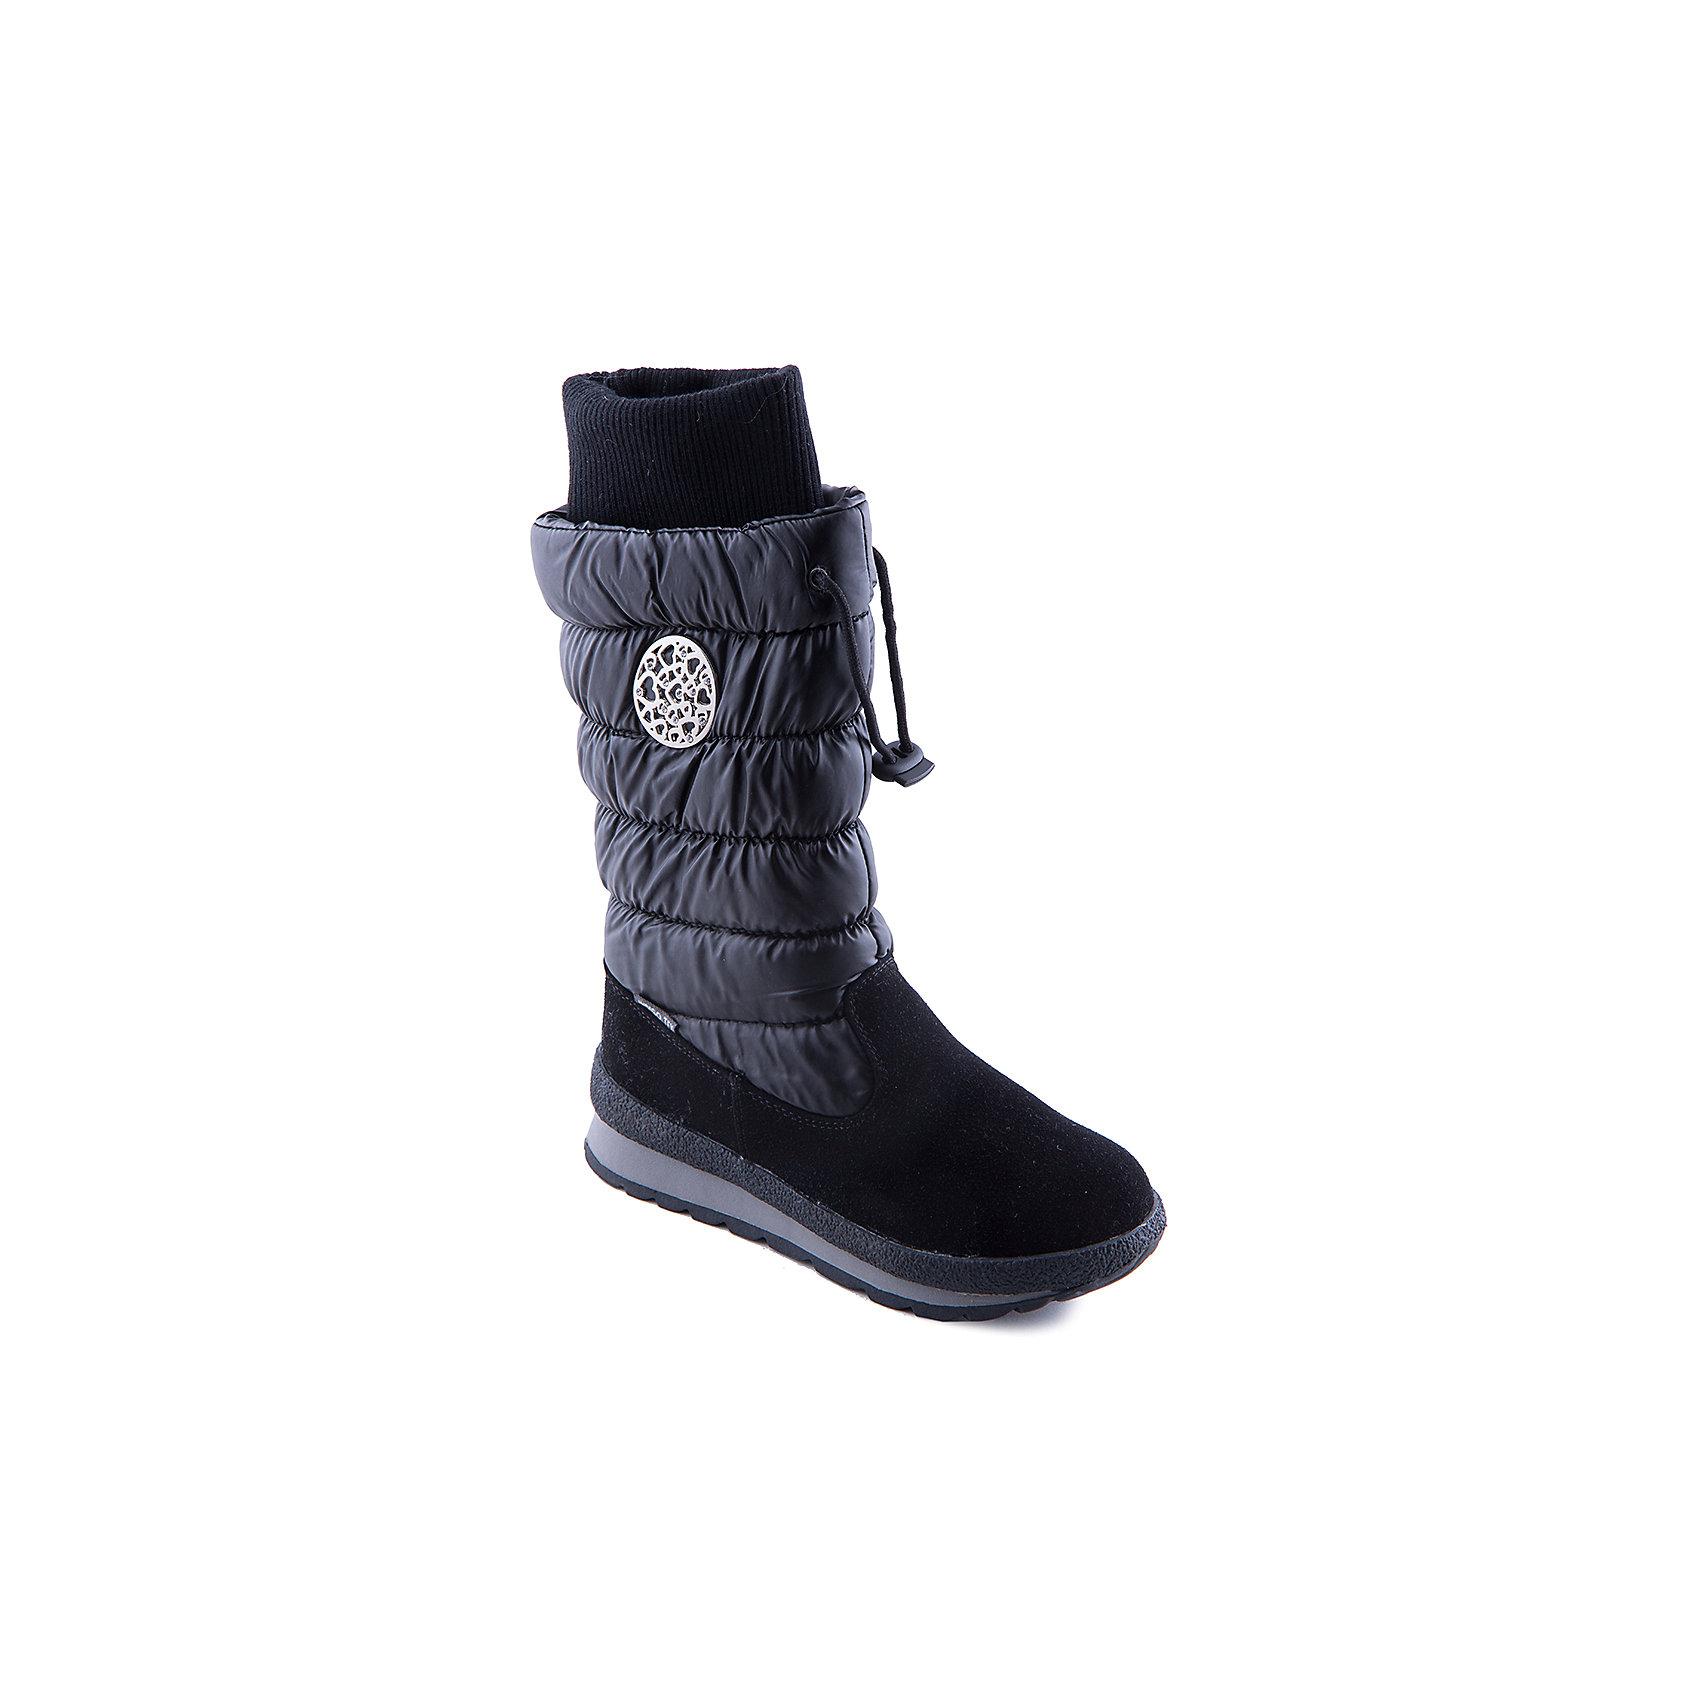 Сапоги для девочки Indigo kidsСапоги для девочки от популярной марки Indigo kids.<br>Стильные и удобные дутые сапоги надежно согреют ноги даже в морозы благодаря подкладке из натуральной шерсти. Они сделаны с применением технологии INDIGO TEX – это мембранный материал, выводящий влагу из обуви наружу, но не позволяющий сырости проникать внутрь.<br>Отличительные особенности модели:<br>- оригинальный дизайн, практичный черный цвет;<br>- комфортная колодка;<br>- толстая устойчивая подошва;<br>- удобная молния сбоку, утяжка сверху;<br>- качественная подкладка из шерсти;<br>- мембрана INDIGO TEX.<br>Дополнительная информация:<br>- Сезон: зима.<br>- Состав:<br>материал верха: текстиль/искусственная кожа<br>материал подкладки: шерсть<br>подошва: ТЭП.<br>Сапоги для девочки Indigo kids (Индиго кидс) можно купить в нашем магазине.<br><br>Ширина мм: 257<br>Глубина мм: 180<br>Высота мм: 130<br>Вес г: 420<br>Цвет: черный<br>Возраст от месяцев: 96<br>Возраст до месяцев: 108<br>Пол: Женский<br>Возраст: Детский<br>Размер: 32,33,36,37,35,34<br>SKU: 4225974